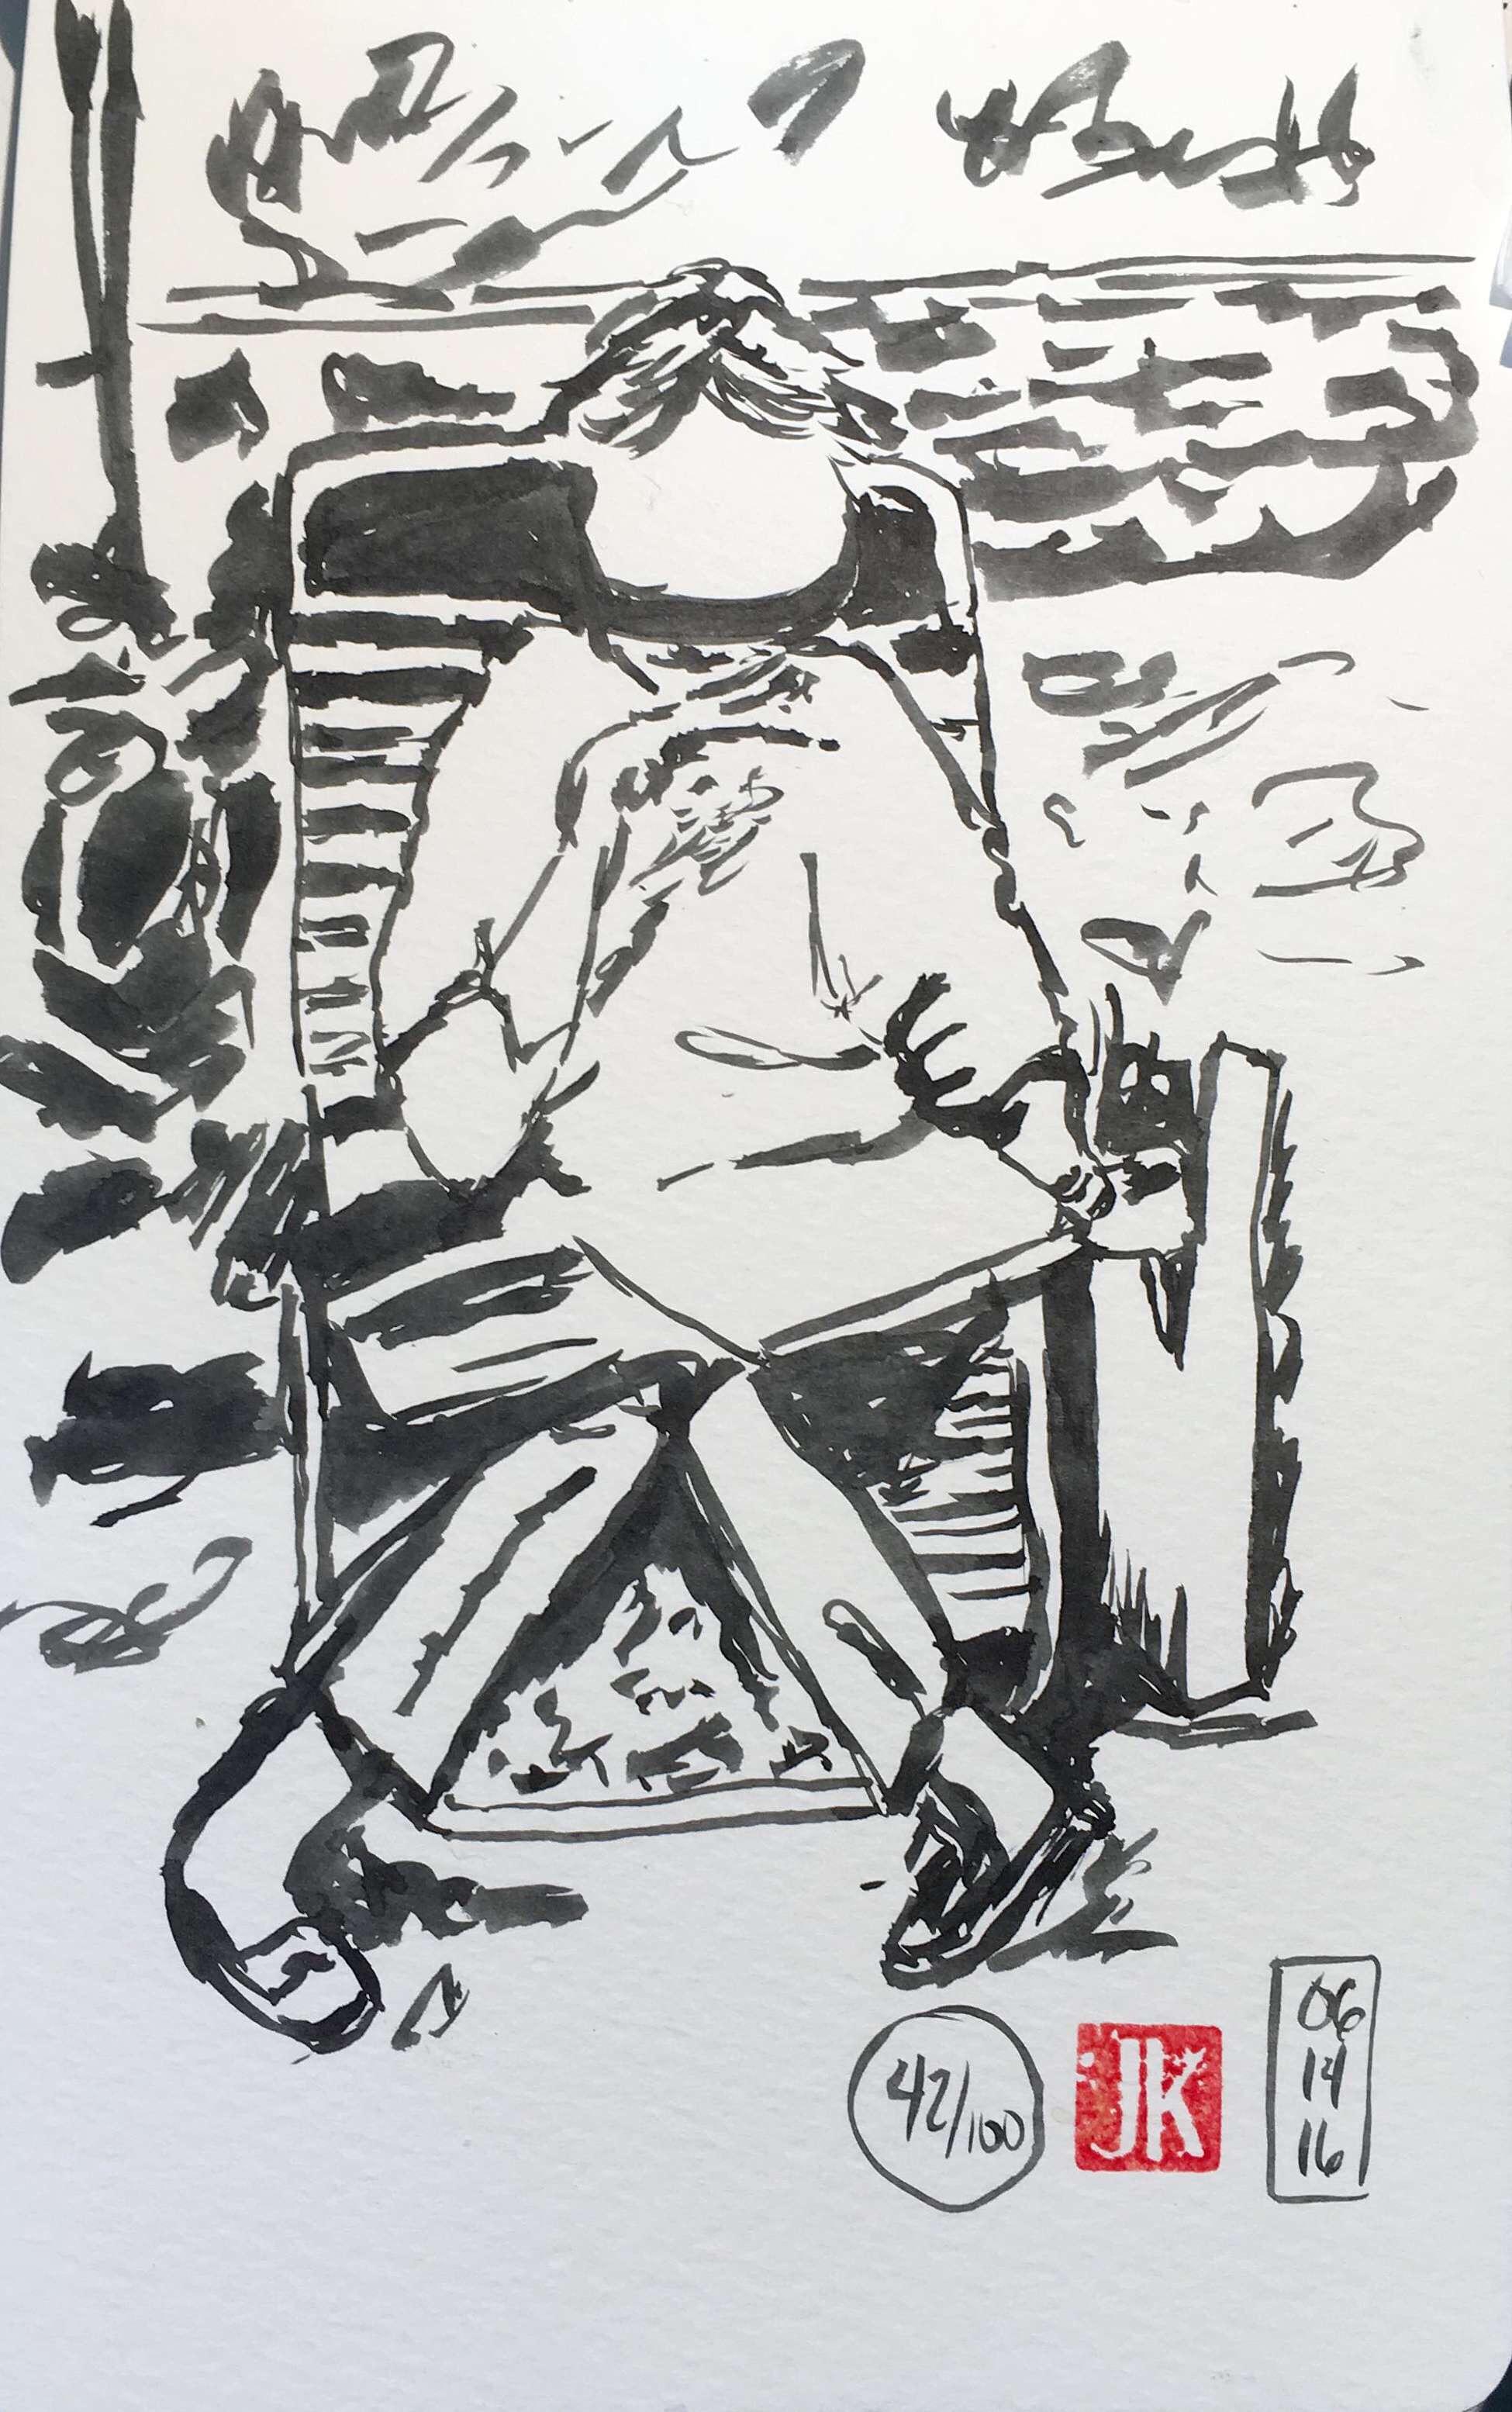 Portrait 42/100